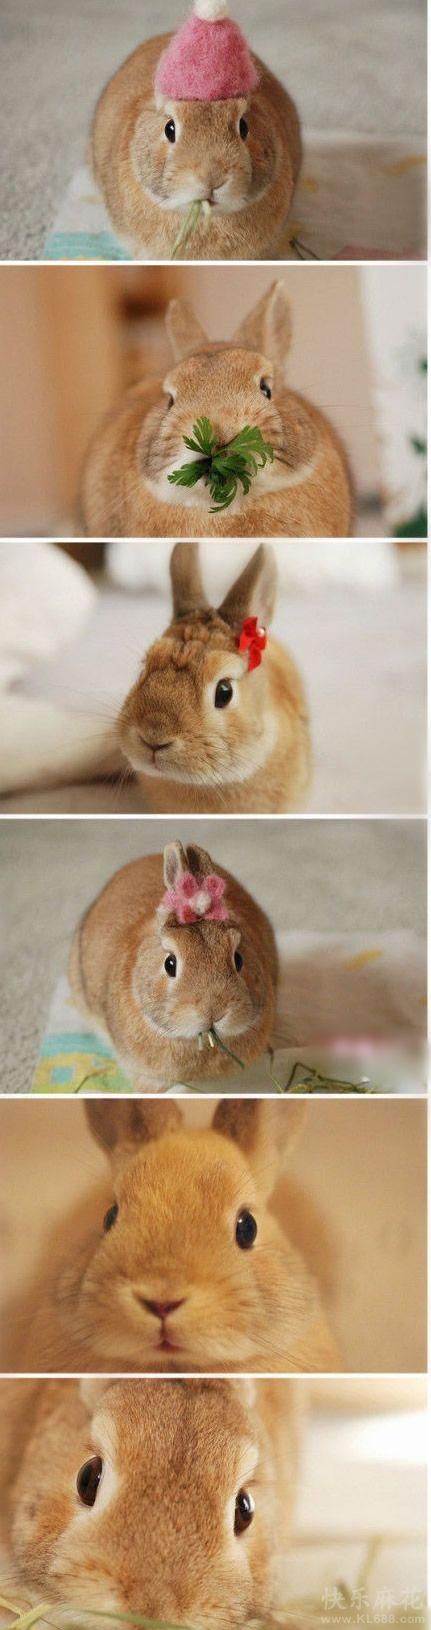 史上最萌的小兔子